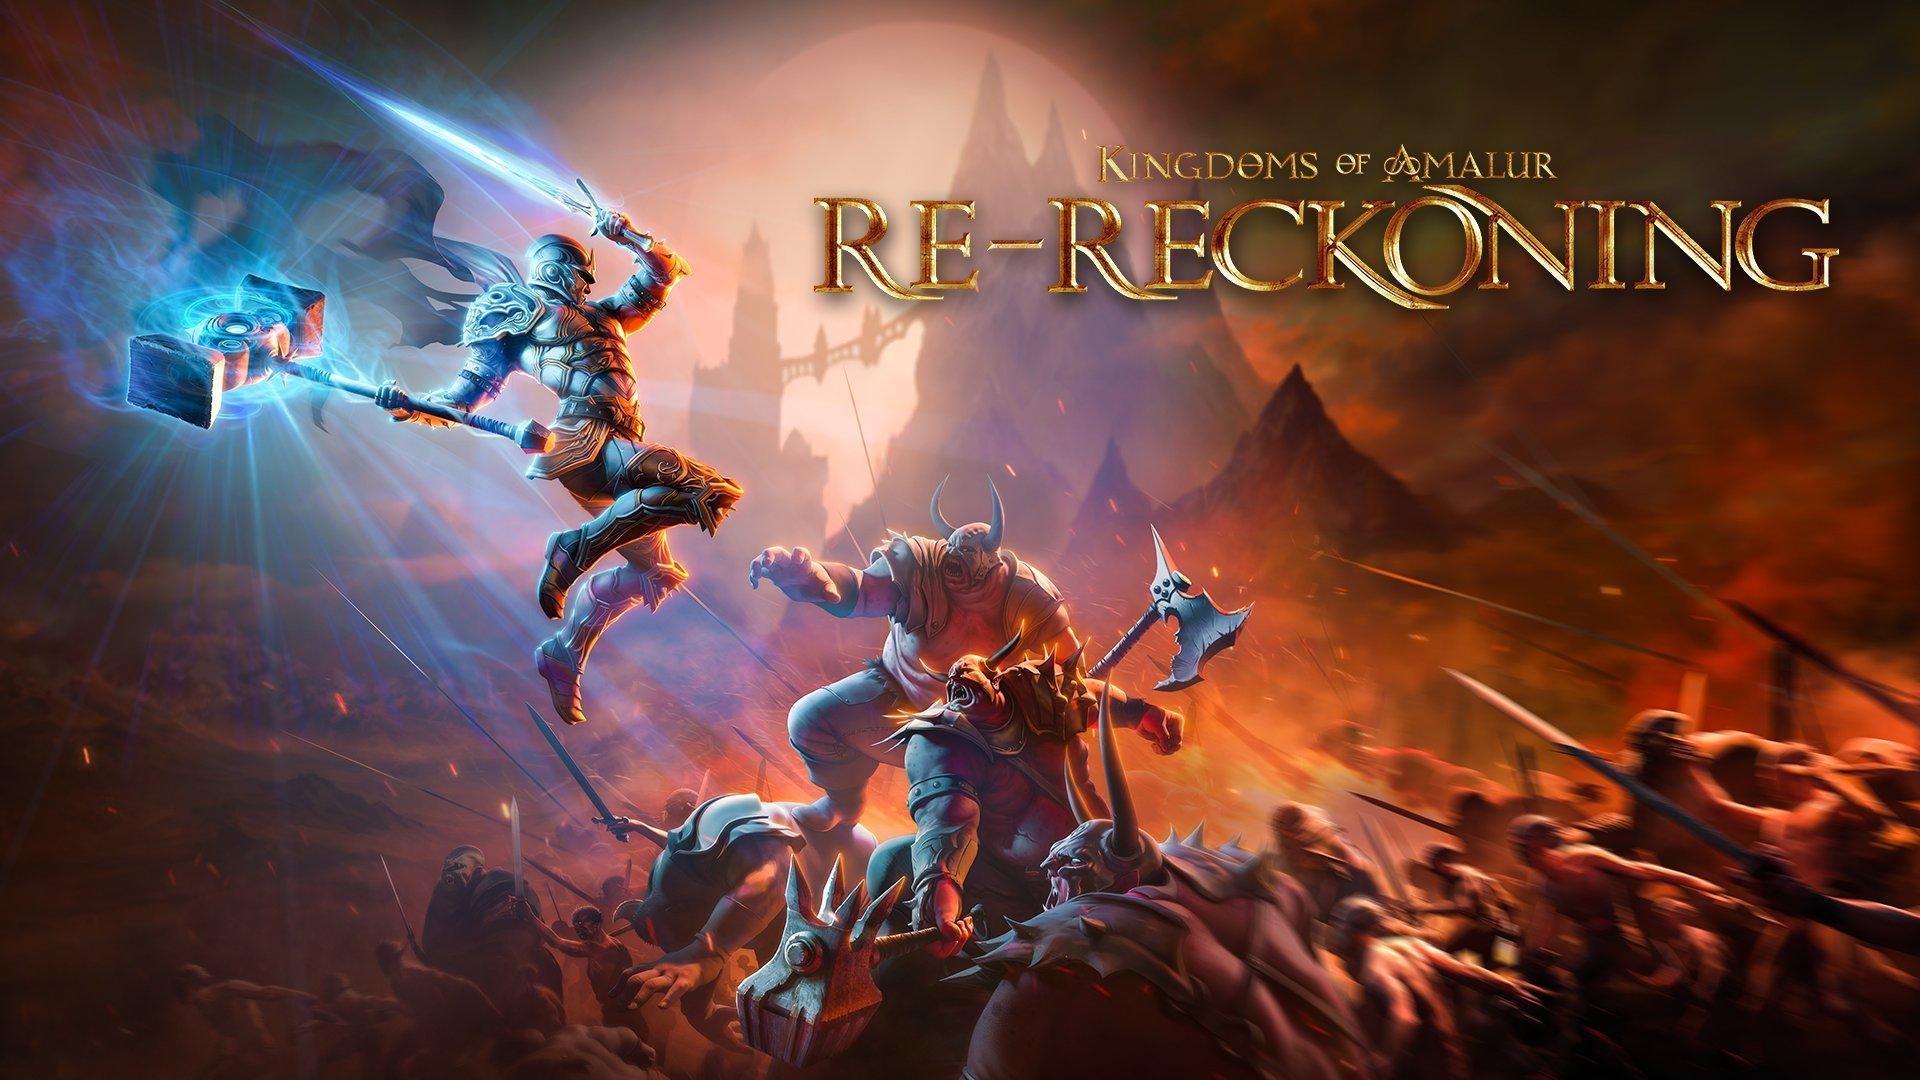 Kingdoms of Amalur: Re-Reckoning - эпическая RPG дебютирует на Nintendo Switch 5